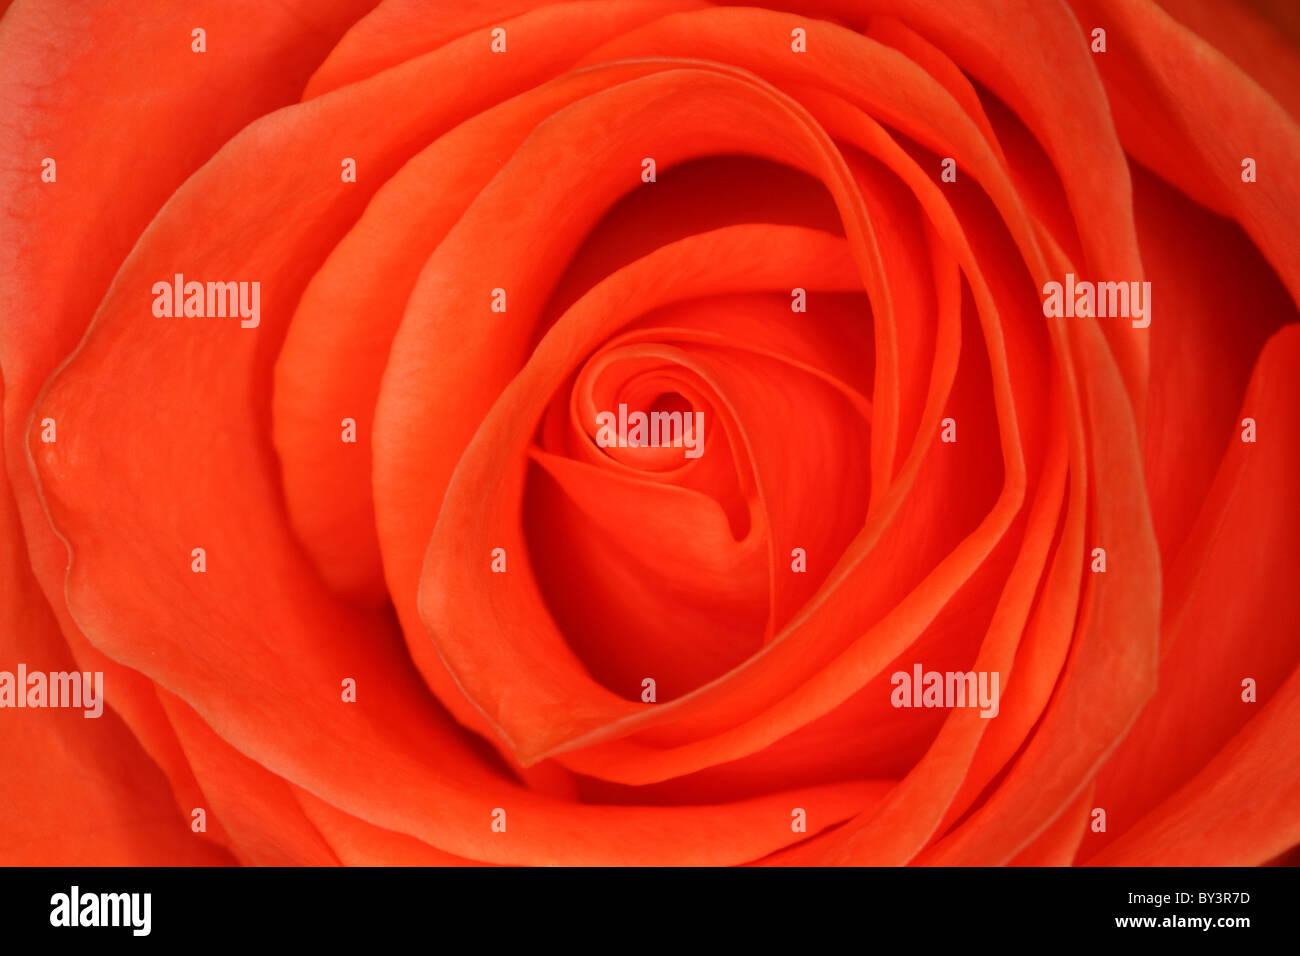 Orange Rose petals pattern - Stock Image